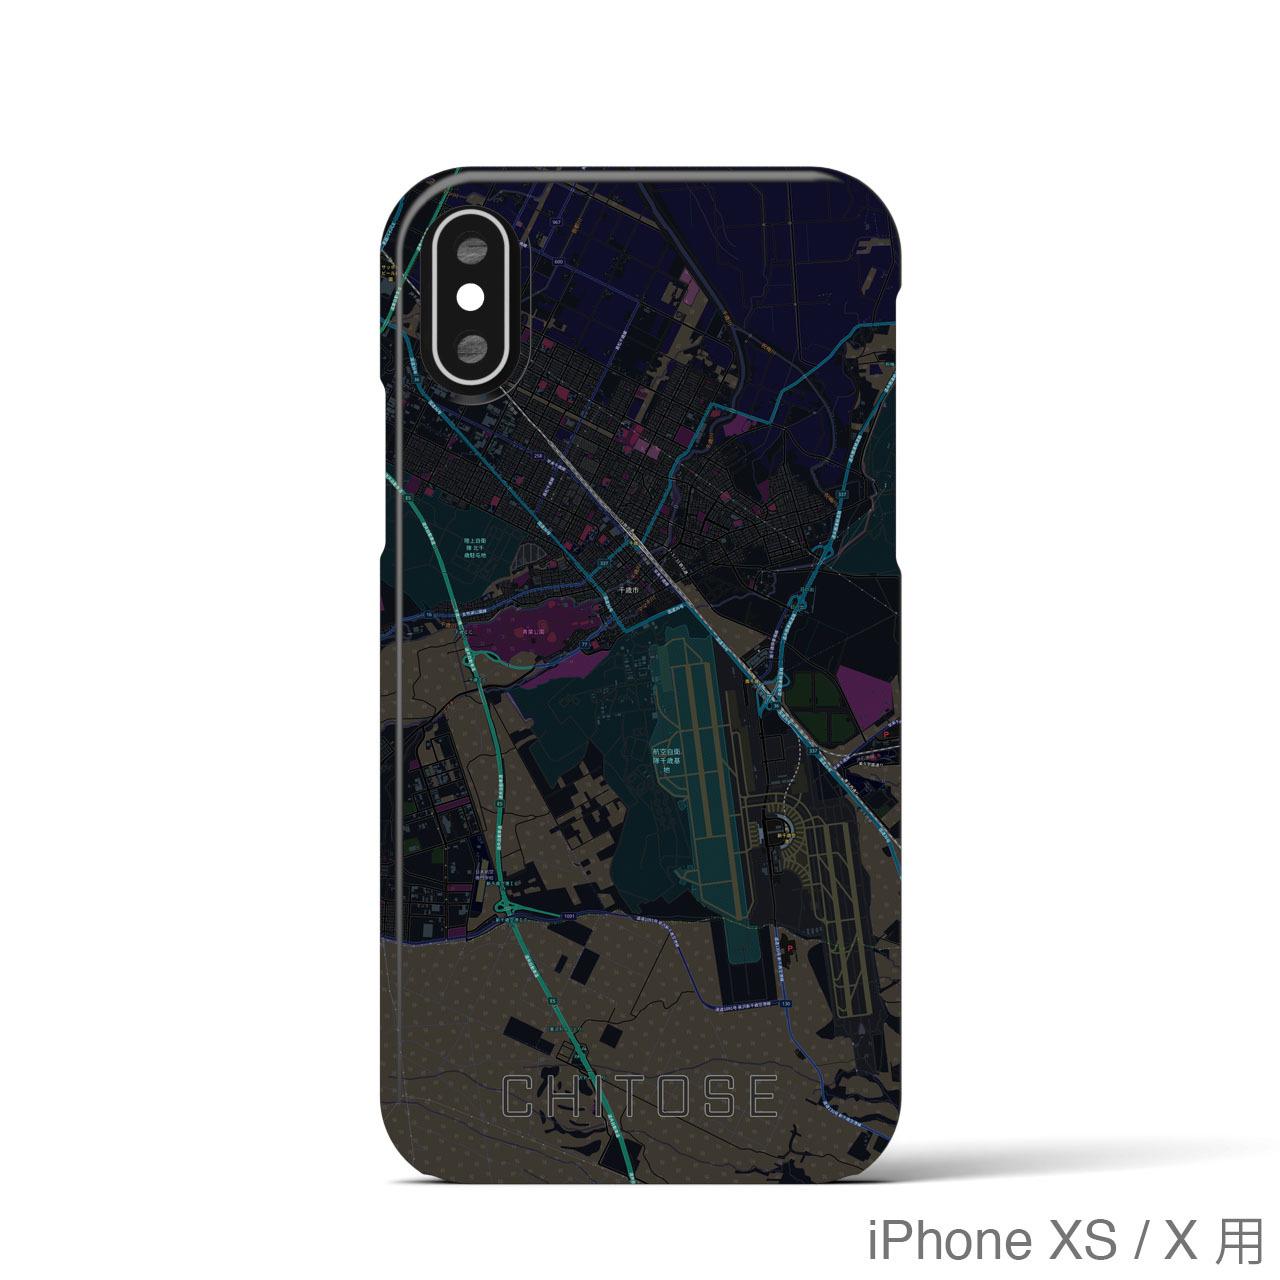 【千歳】地図柄iPhoneケース(バックカバータイプ・ブラック)